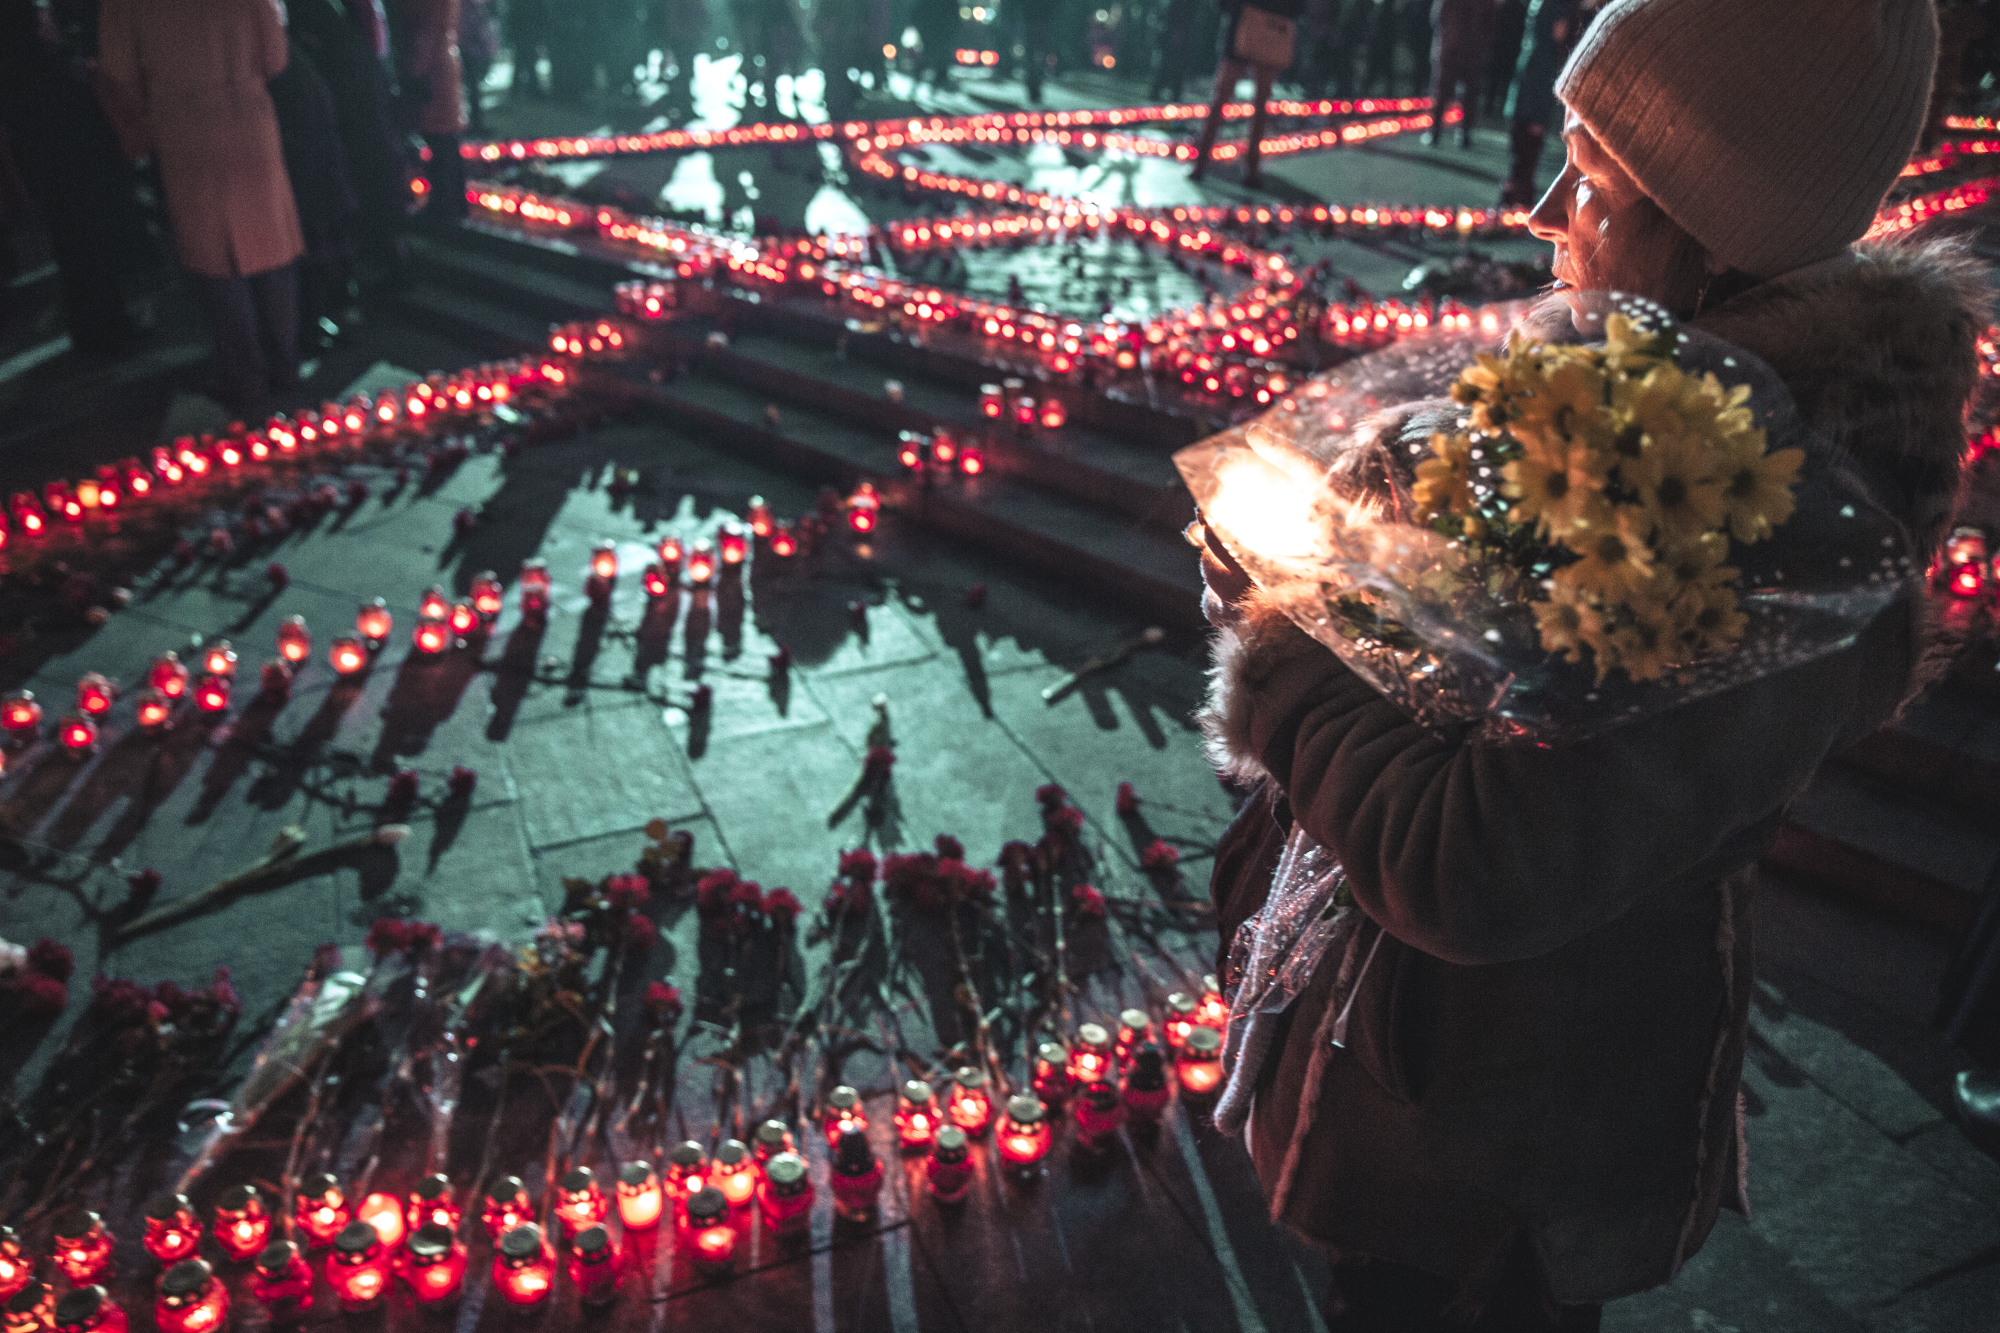 © Sam Asaert - Flowers for the fallen